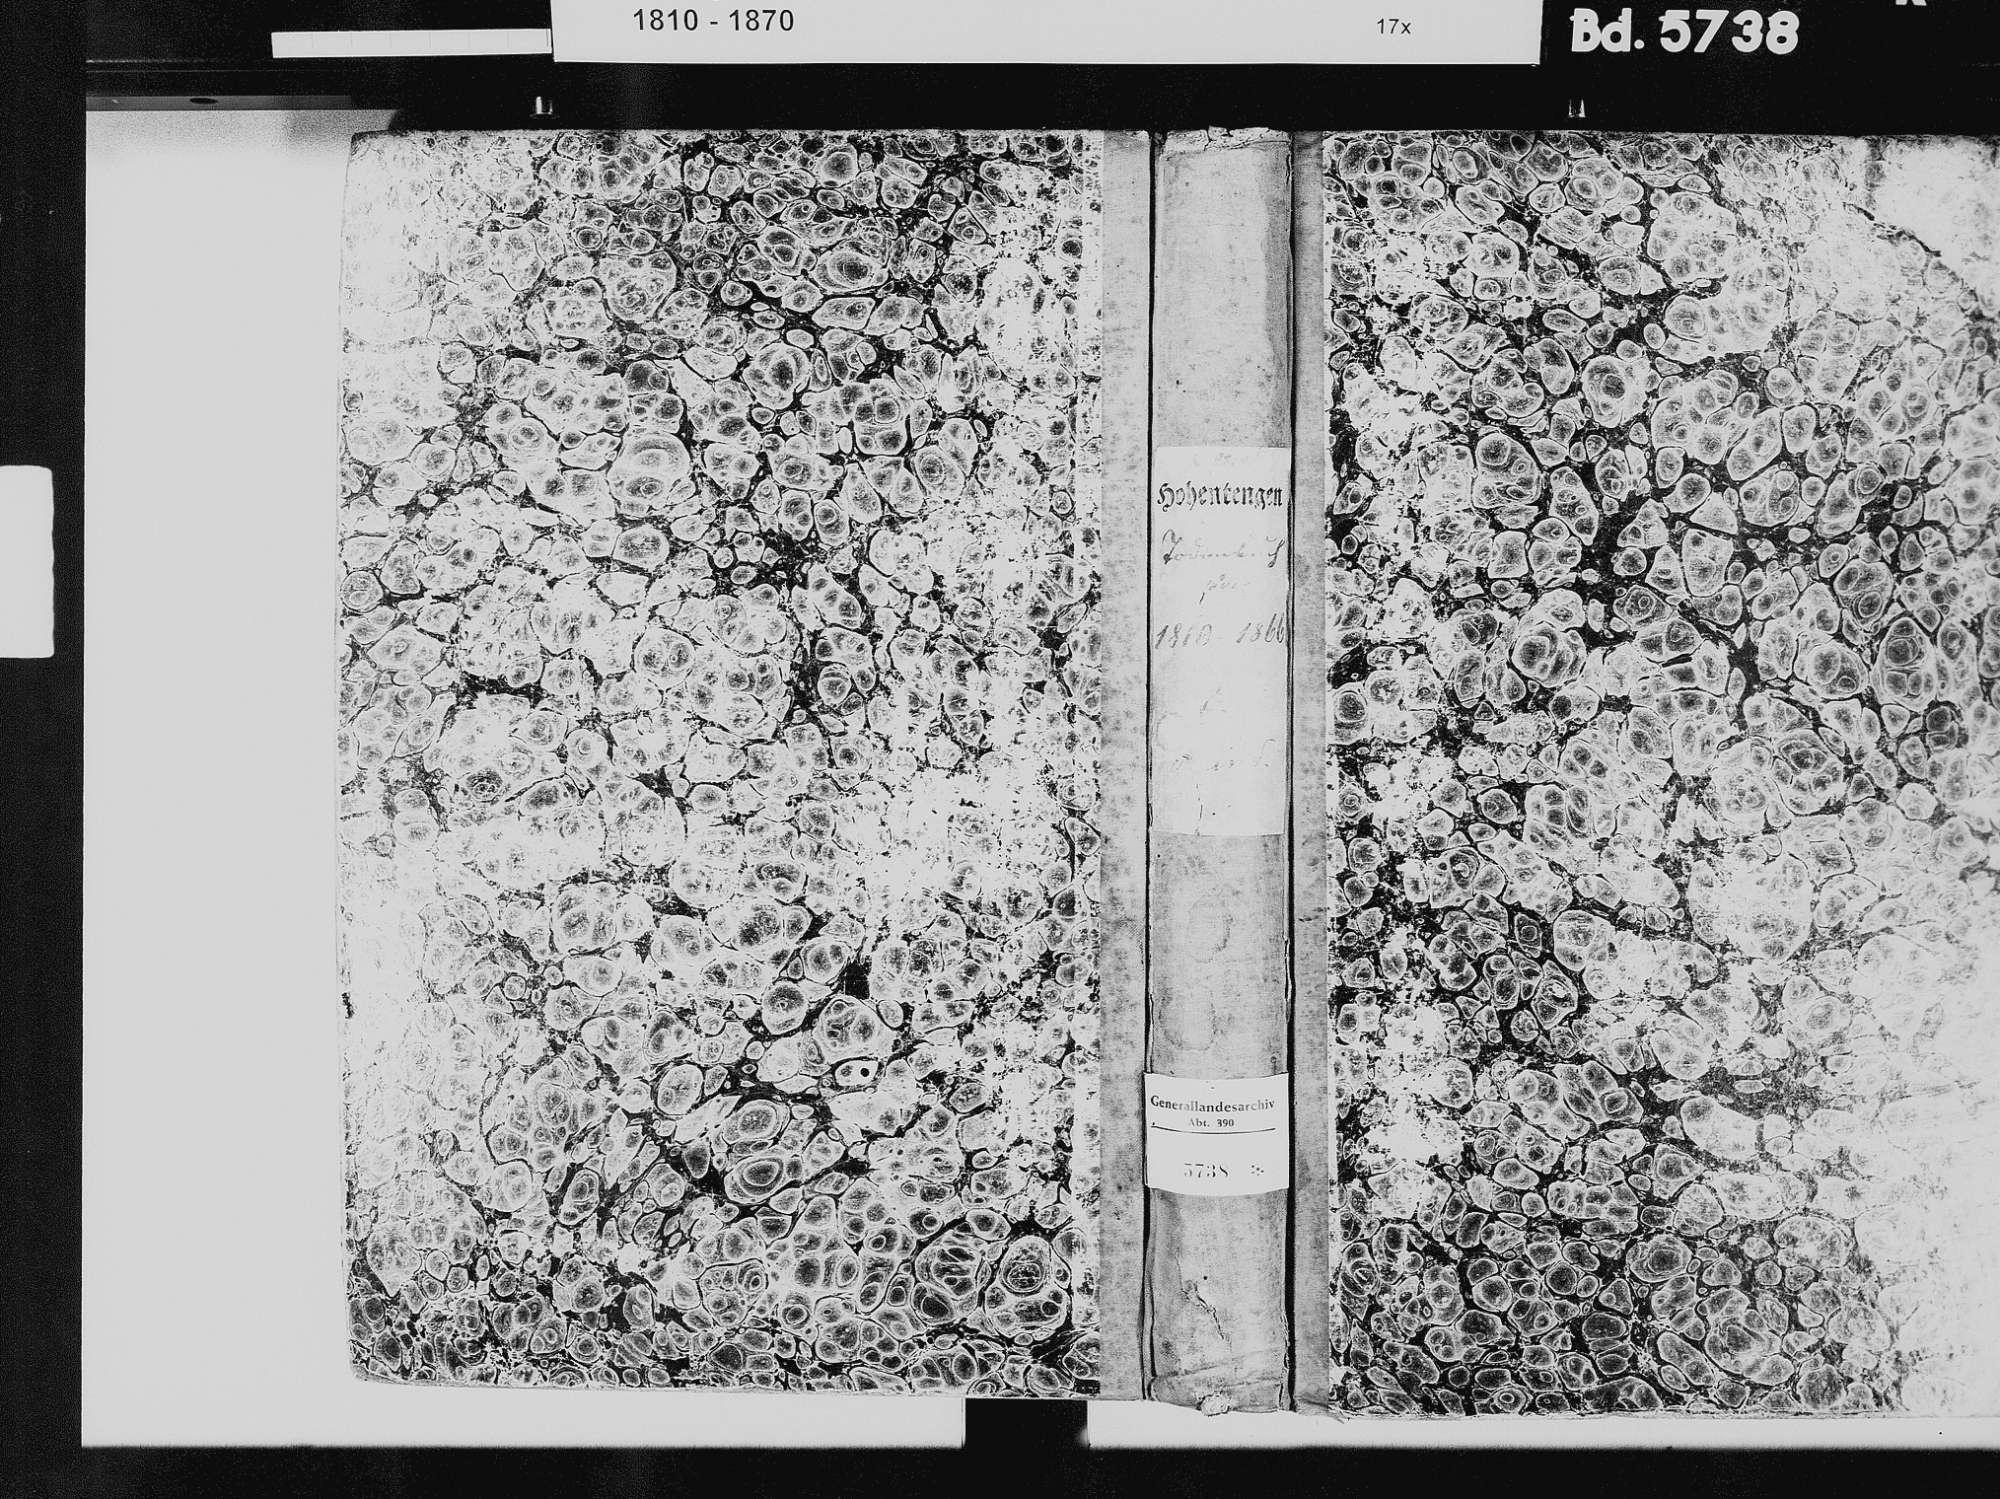 Hohentengen am Hochrhein WT; Katholische Gemeinde: Heiratsbuch 1834-1838-1839, 1847 Hohentengen am Hochrhein WT; Katholische Gemeinde: Sterbebuch 1810-1866, Bild 2